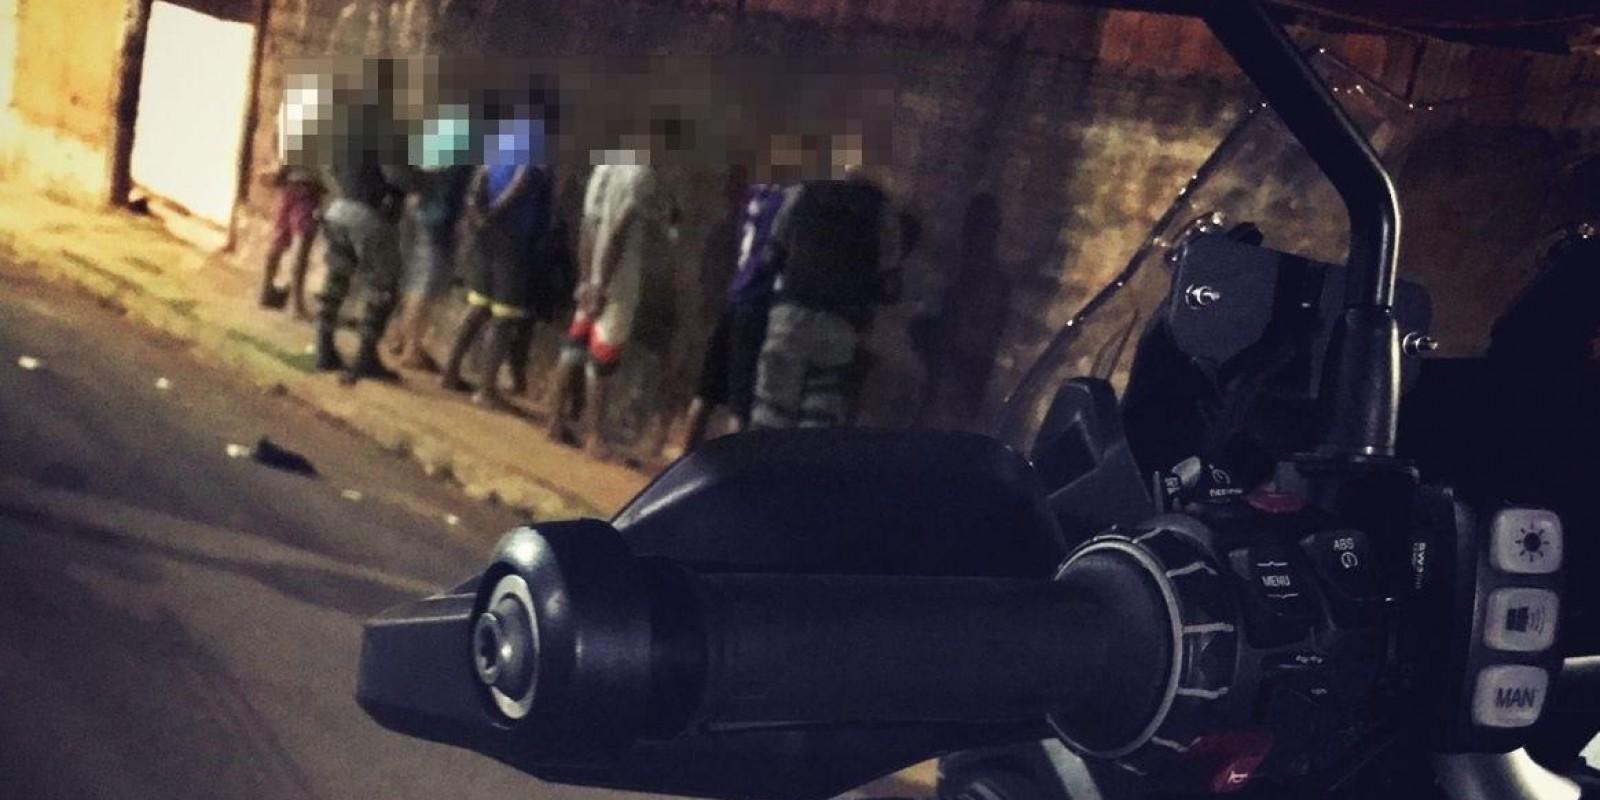 Ação do GETAM na Vila Piloto durante a madrugada apreende drogas e leva duas pessoas para a delegacia